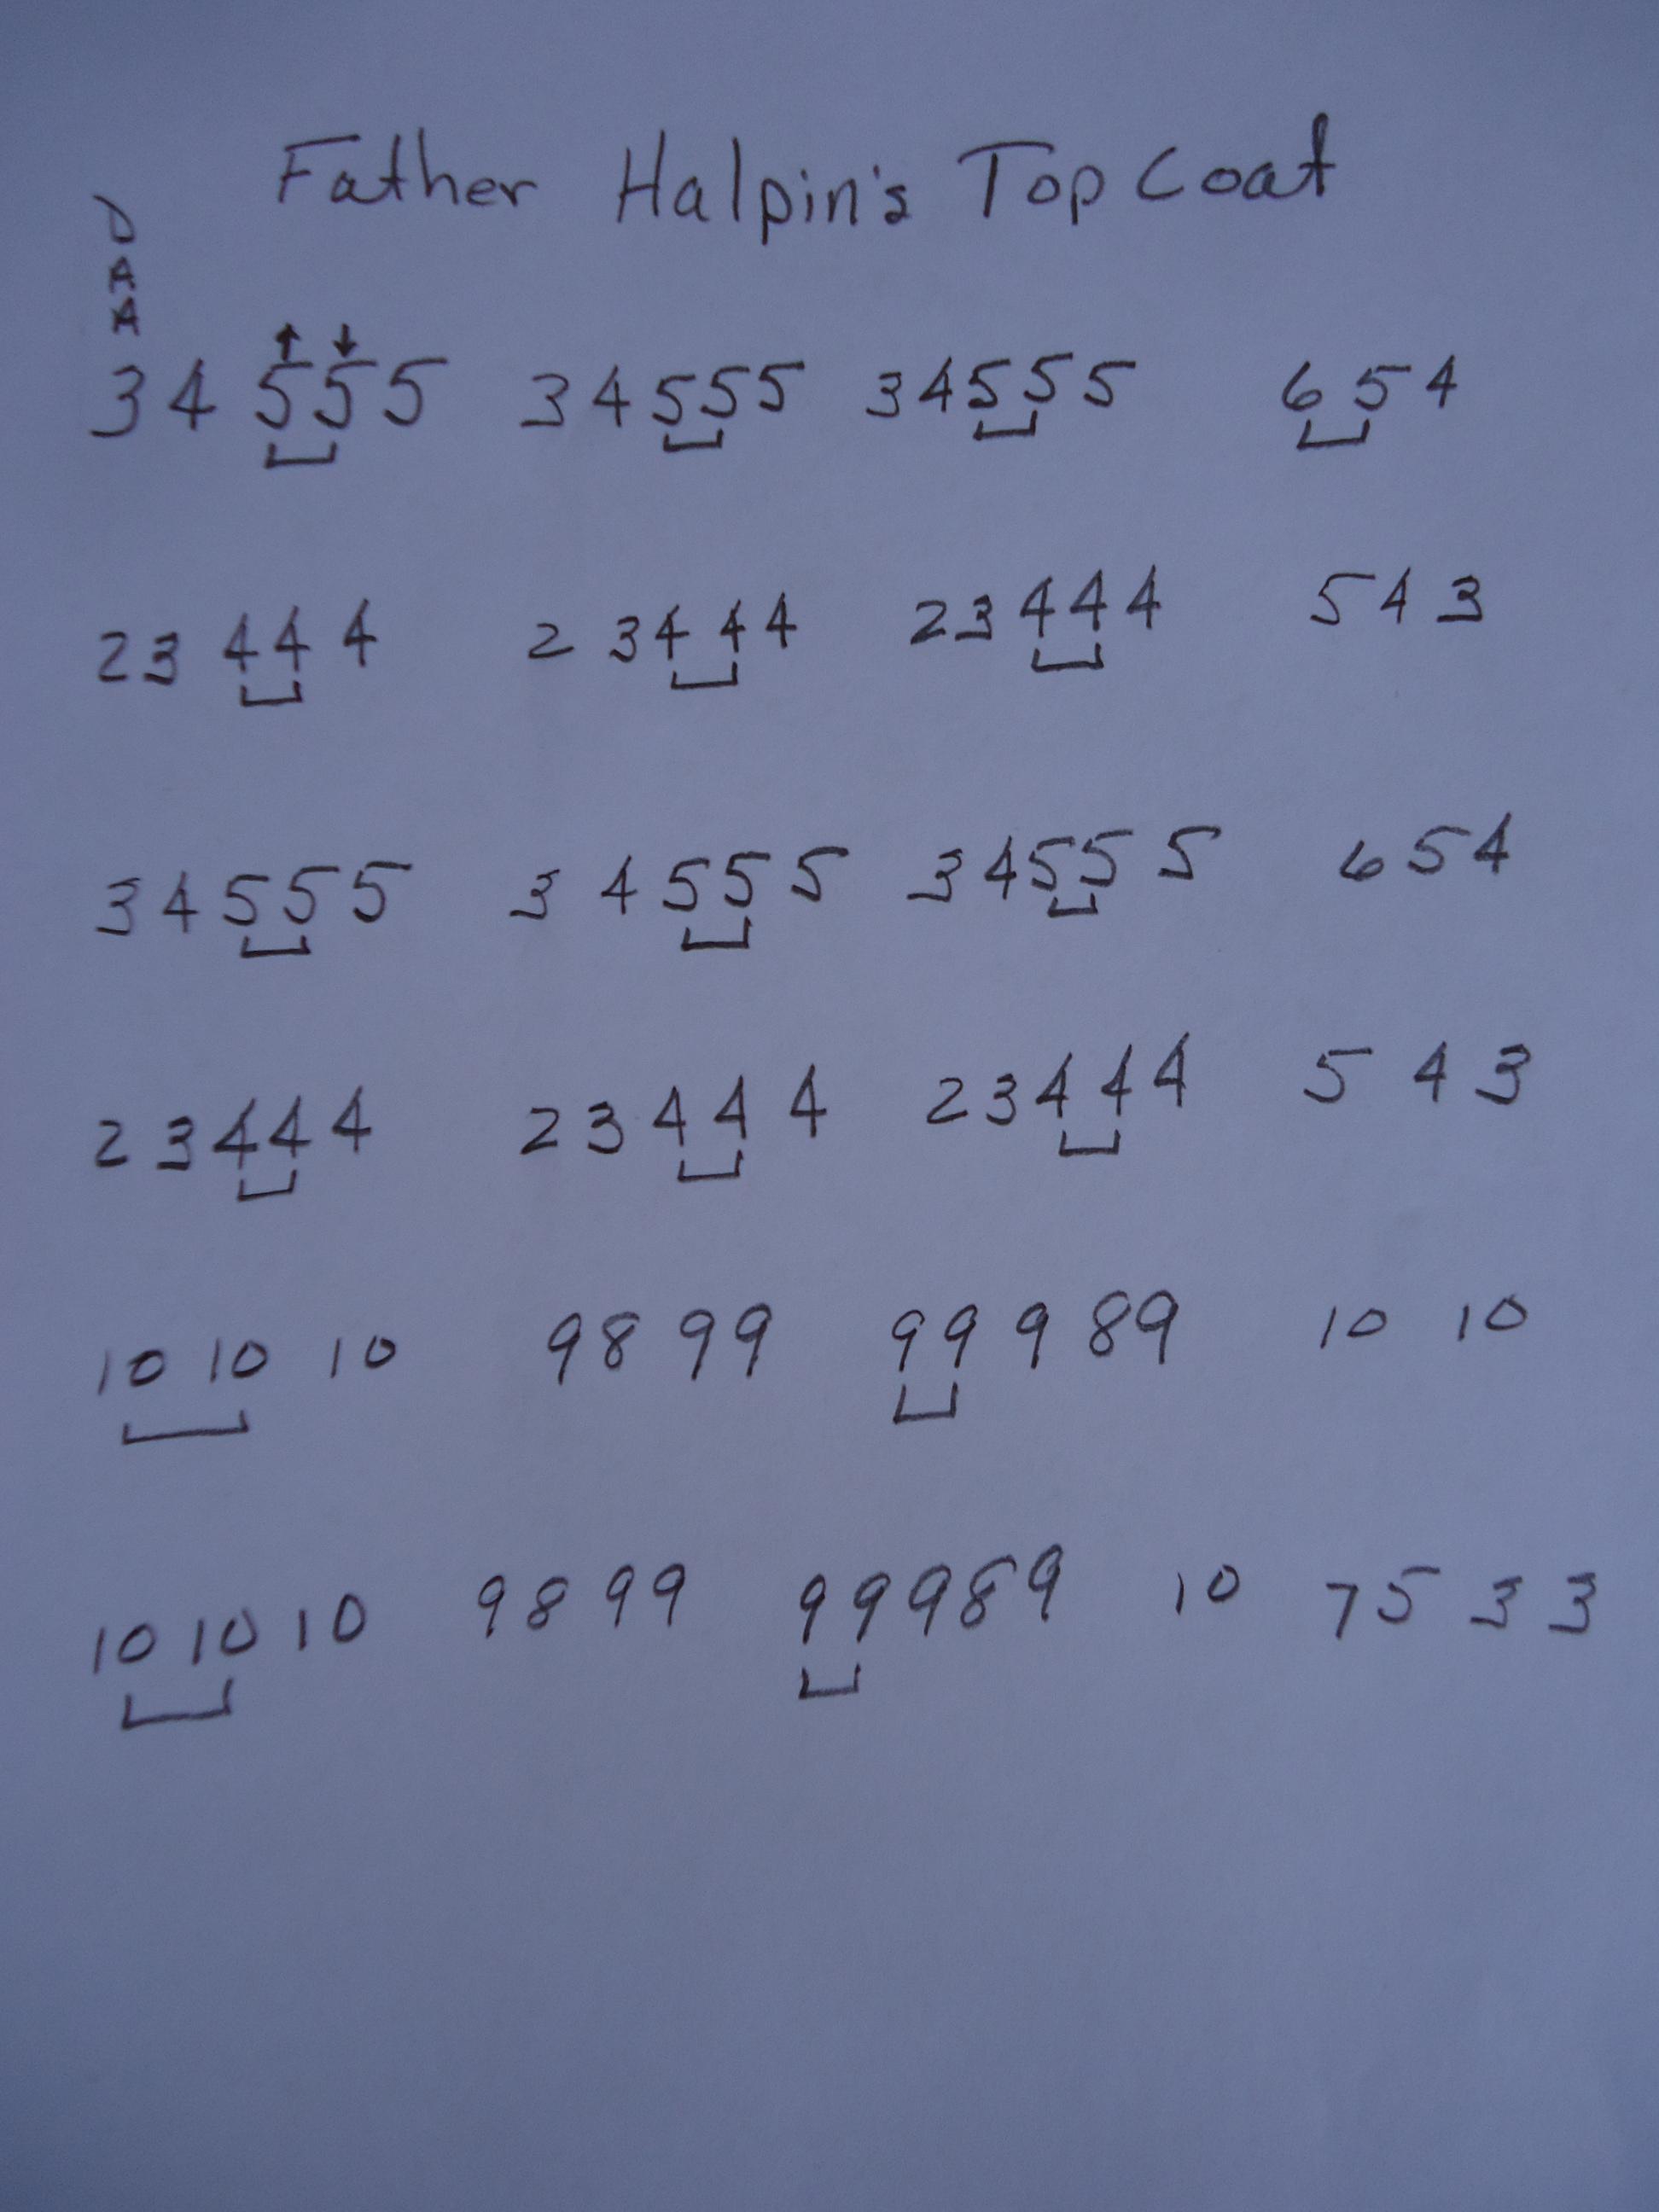 97_members.jpg?width=530